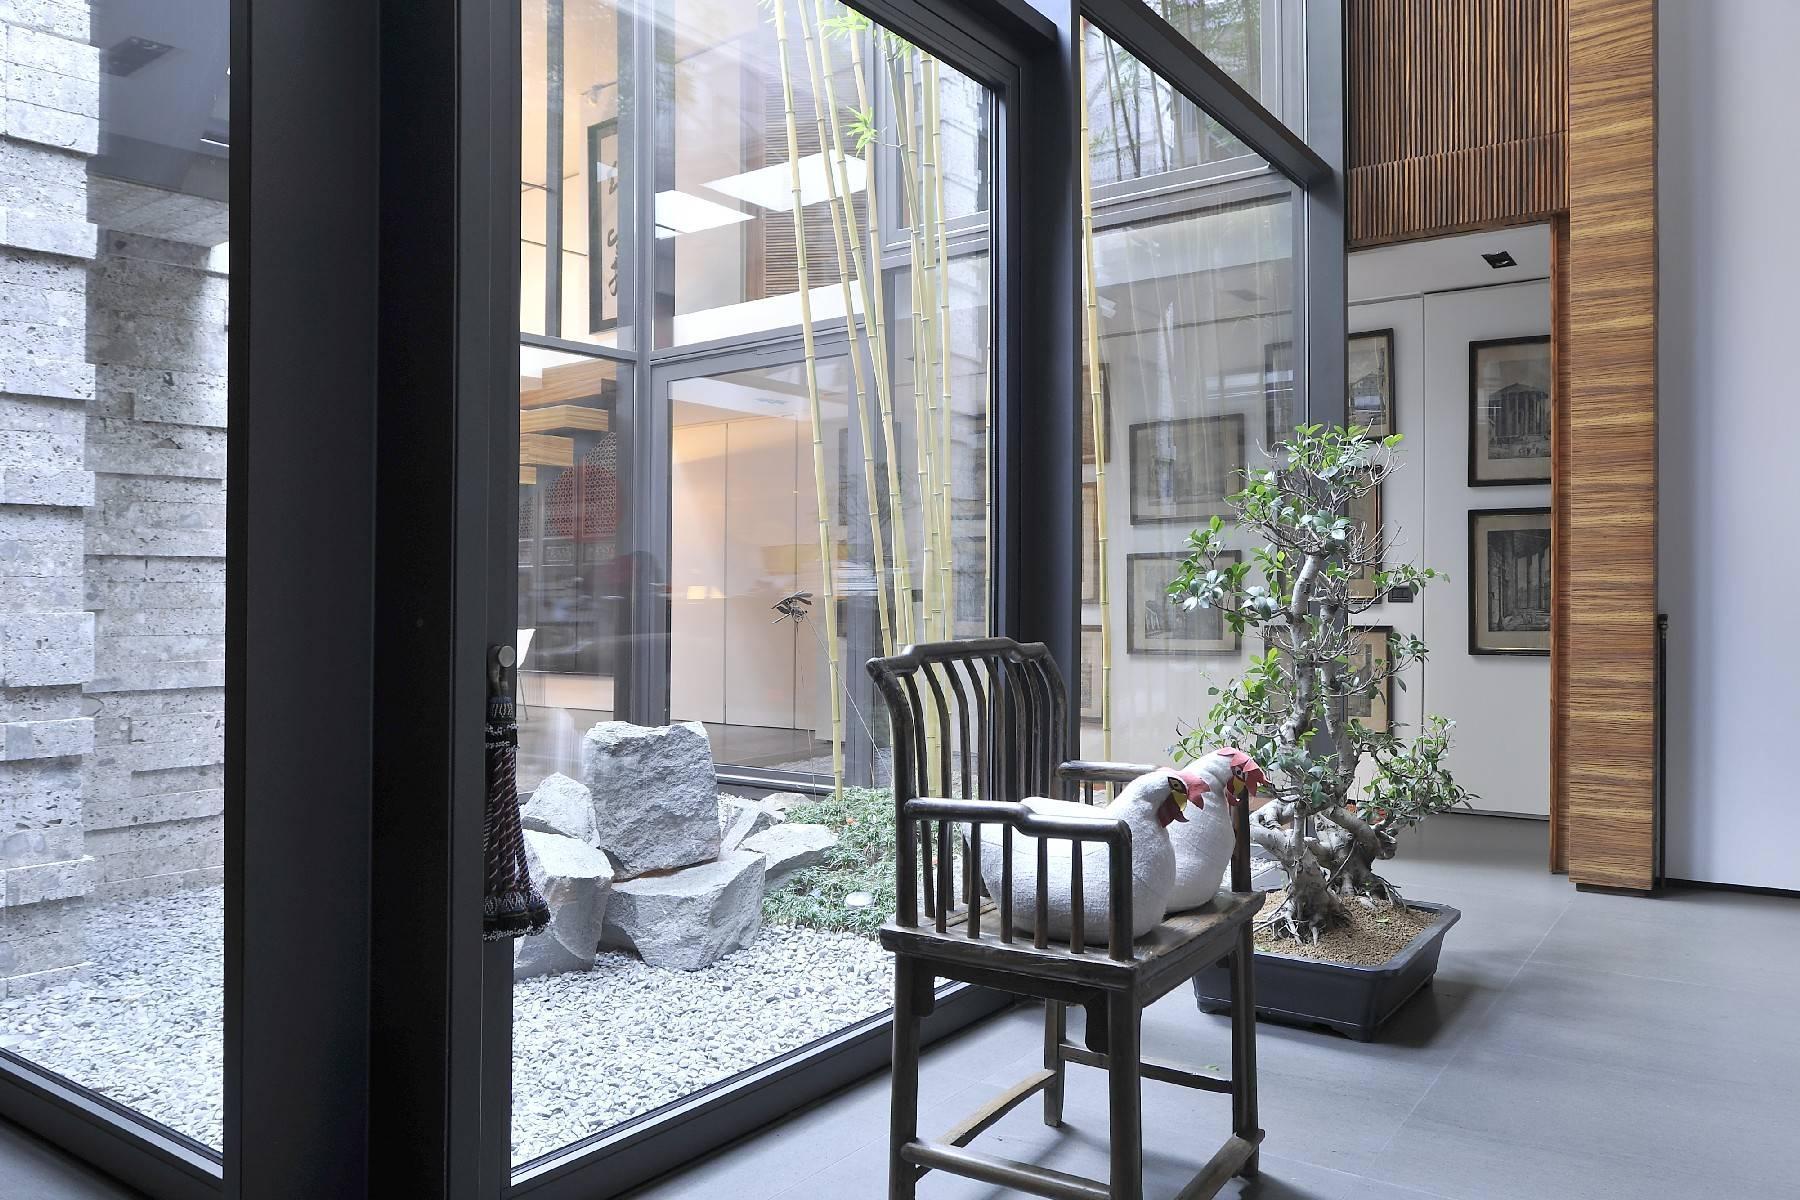 Spektakuläres Einfamilienhaus im zentralen Stadtviertel Mailands - 15